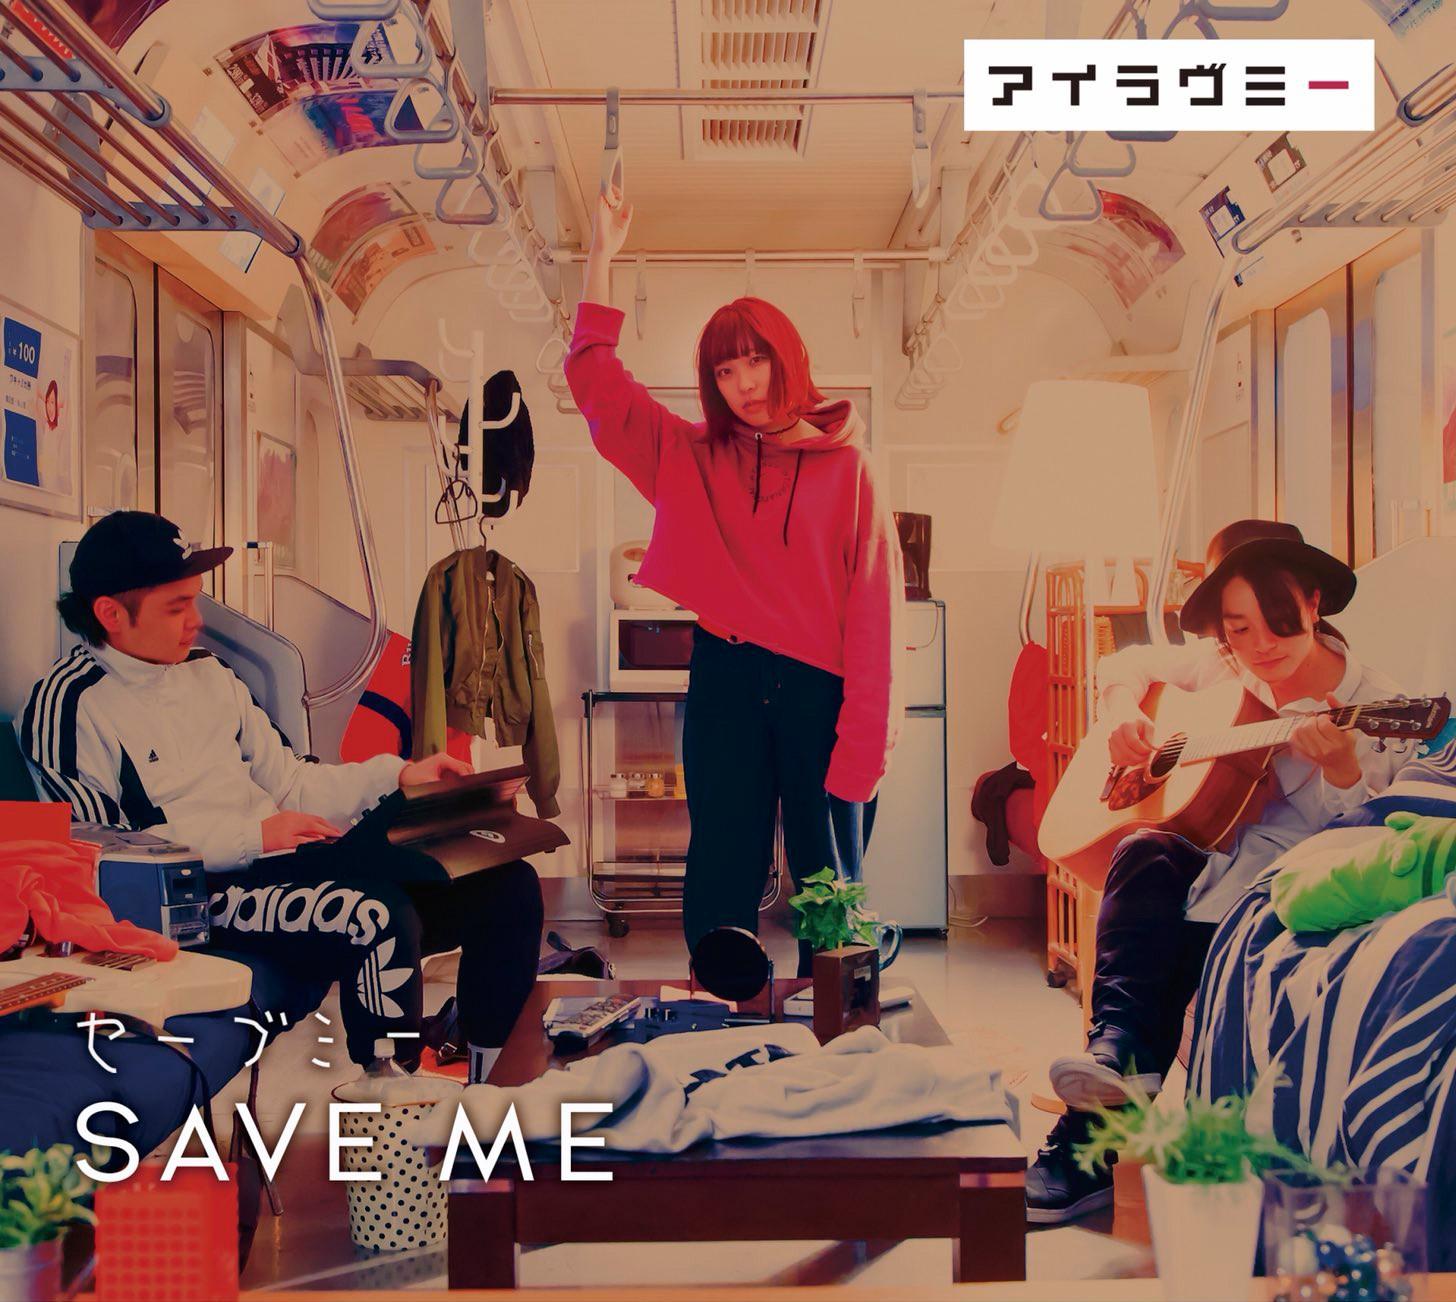 アイラヴミー (I love me) – セーブミー (Save me) [FLAC / CD] [2018.04.04]